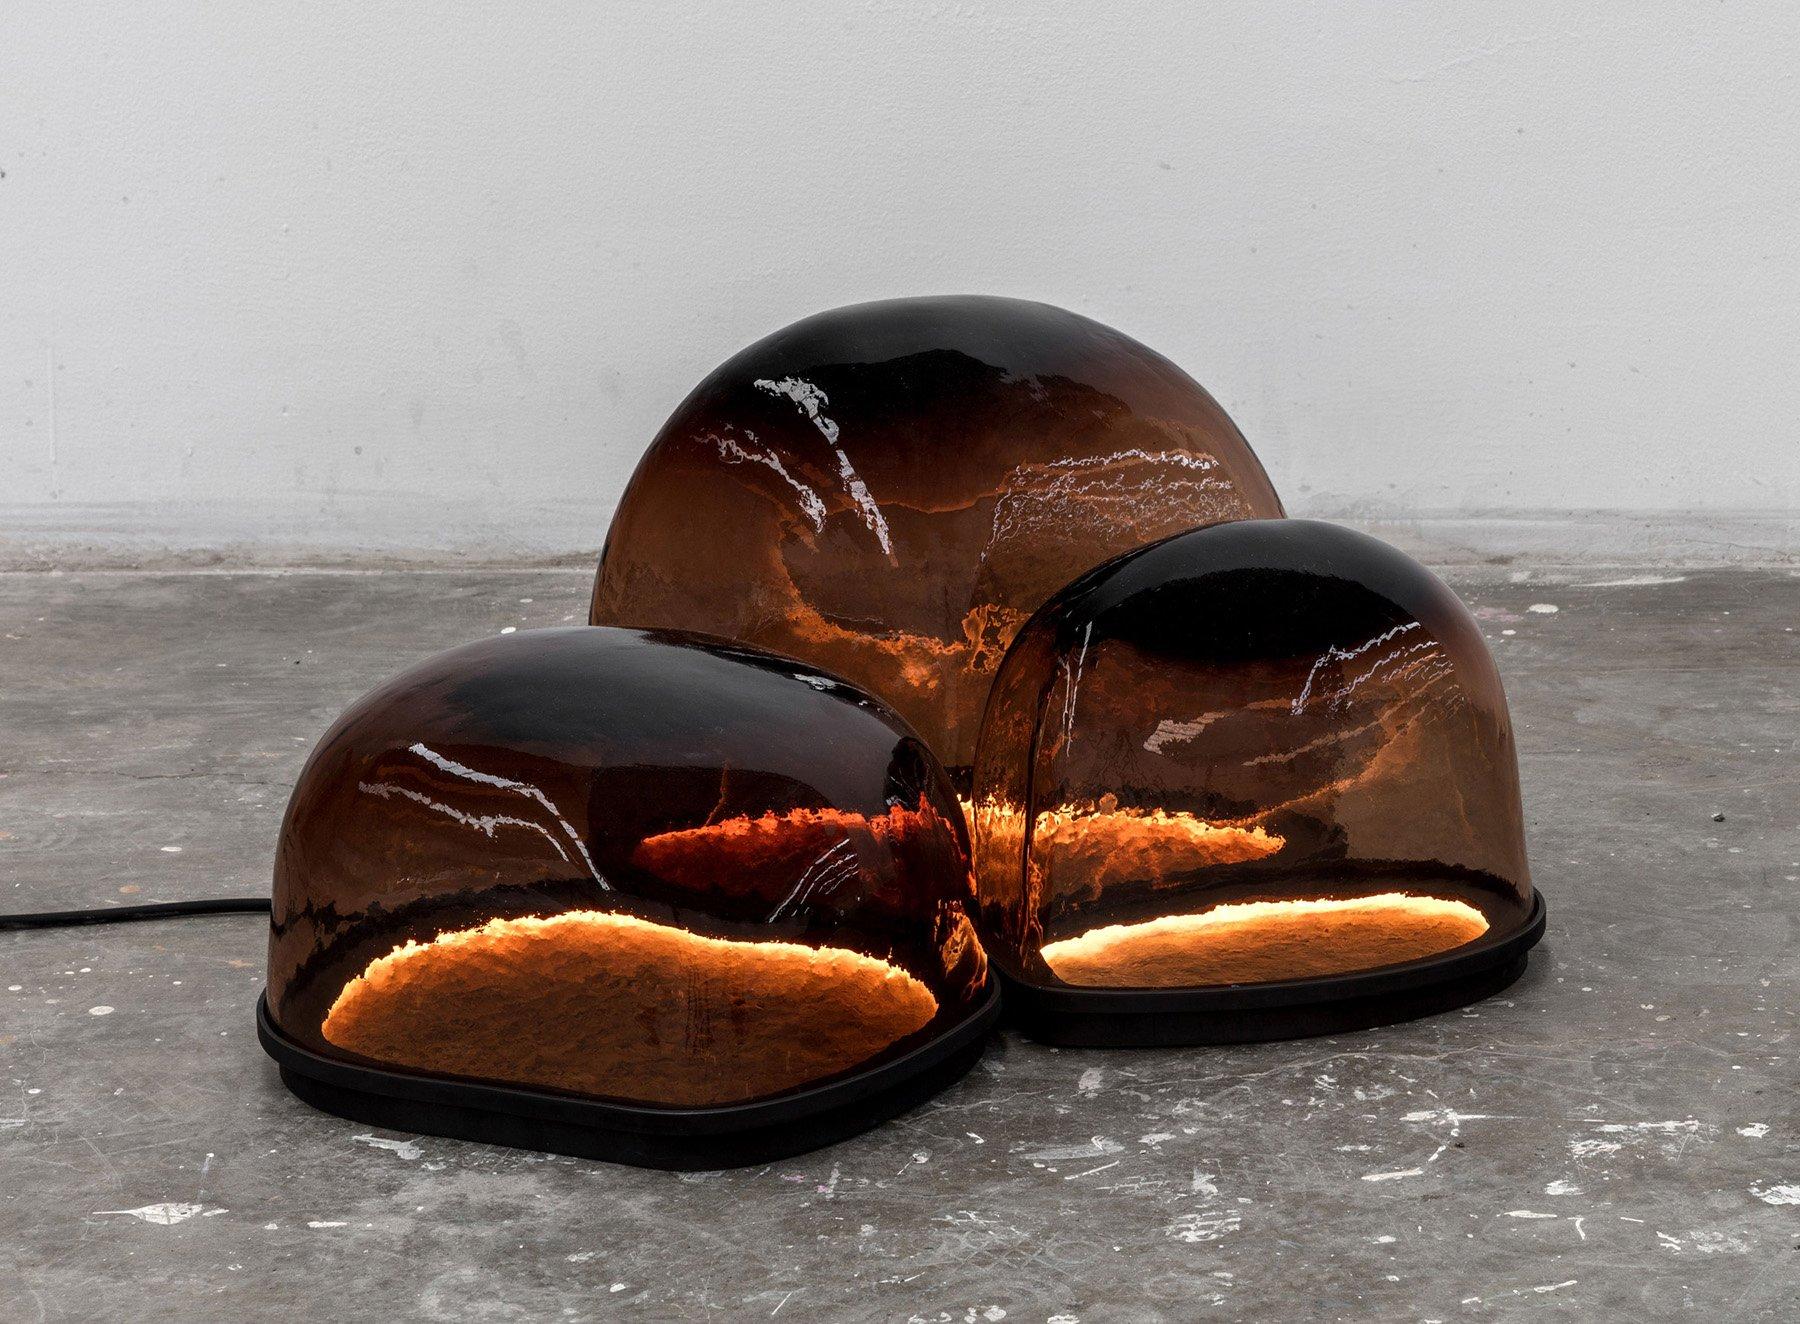 iGNANT-Design-EWE-Studio-Alquimia-02